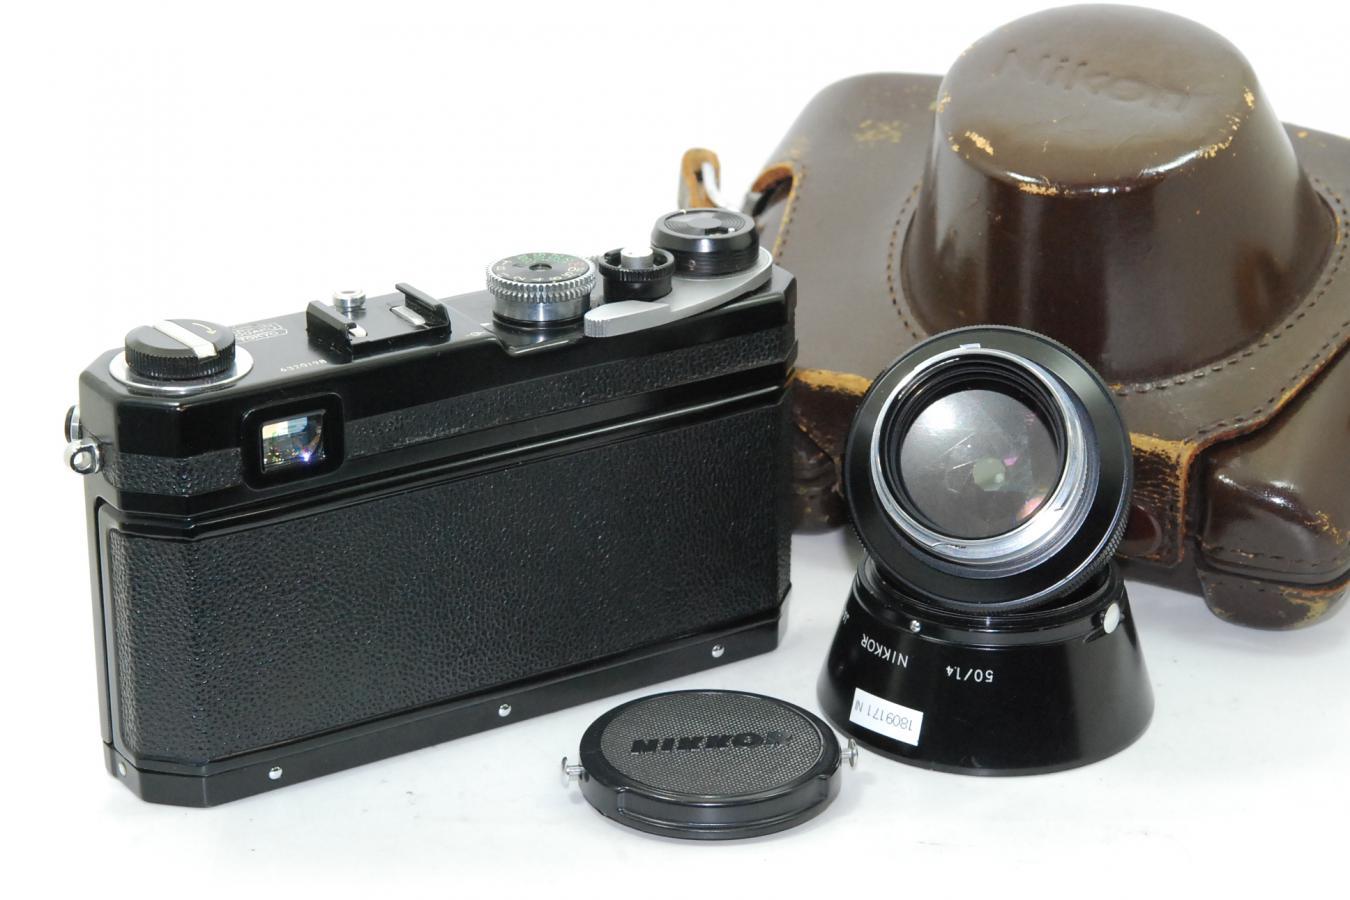 【コレクション向け】 Nikon S3 オリンピック 50/1.4付 【純正ケース、フード付】